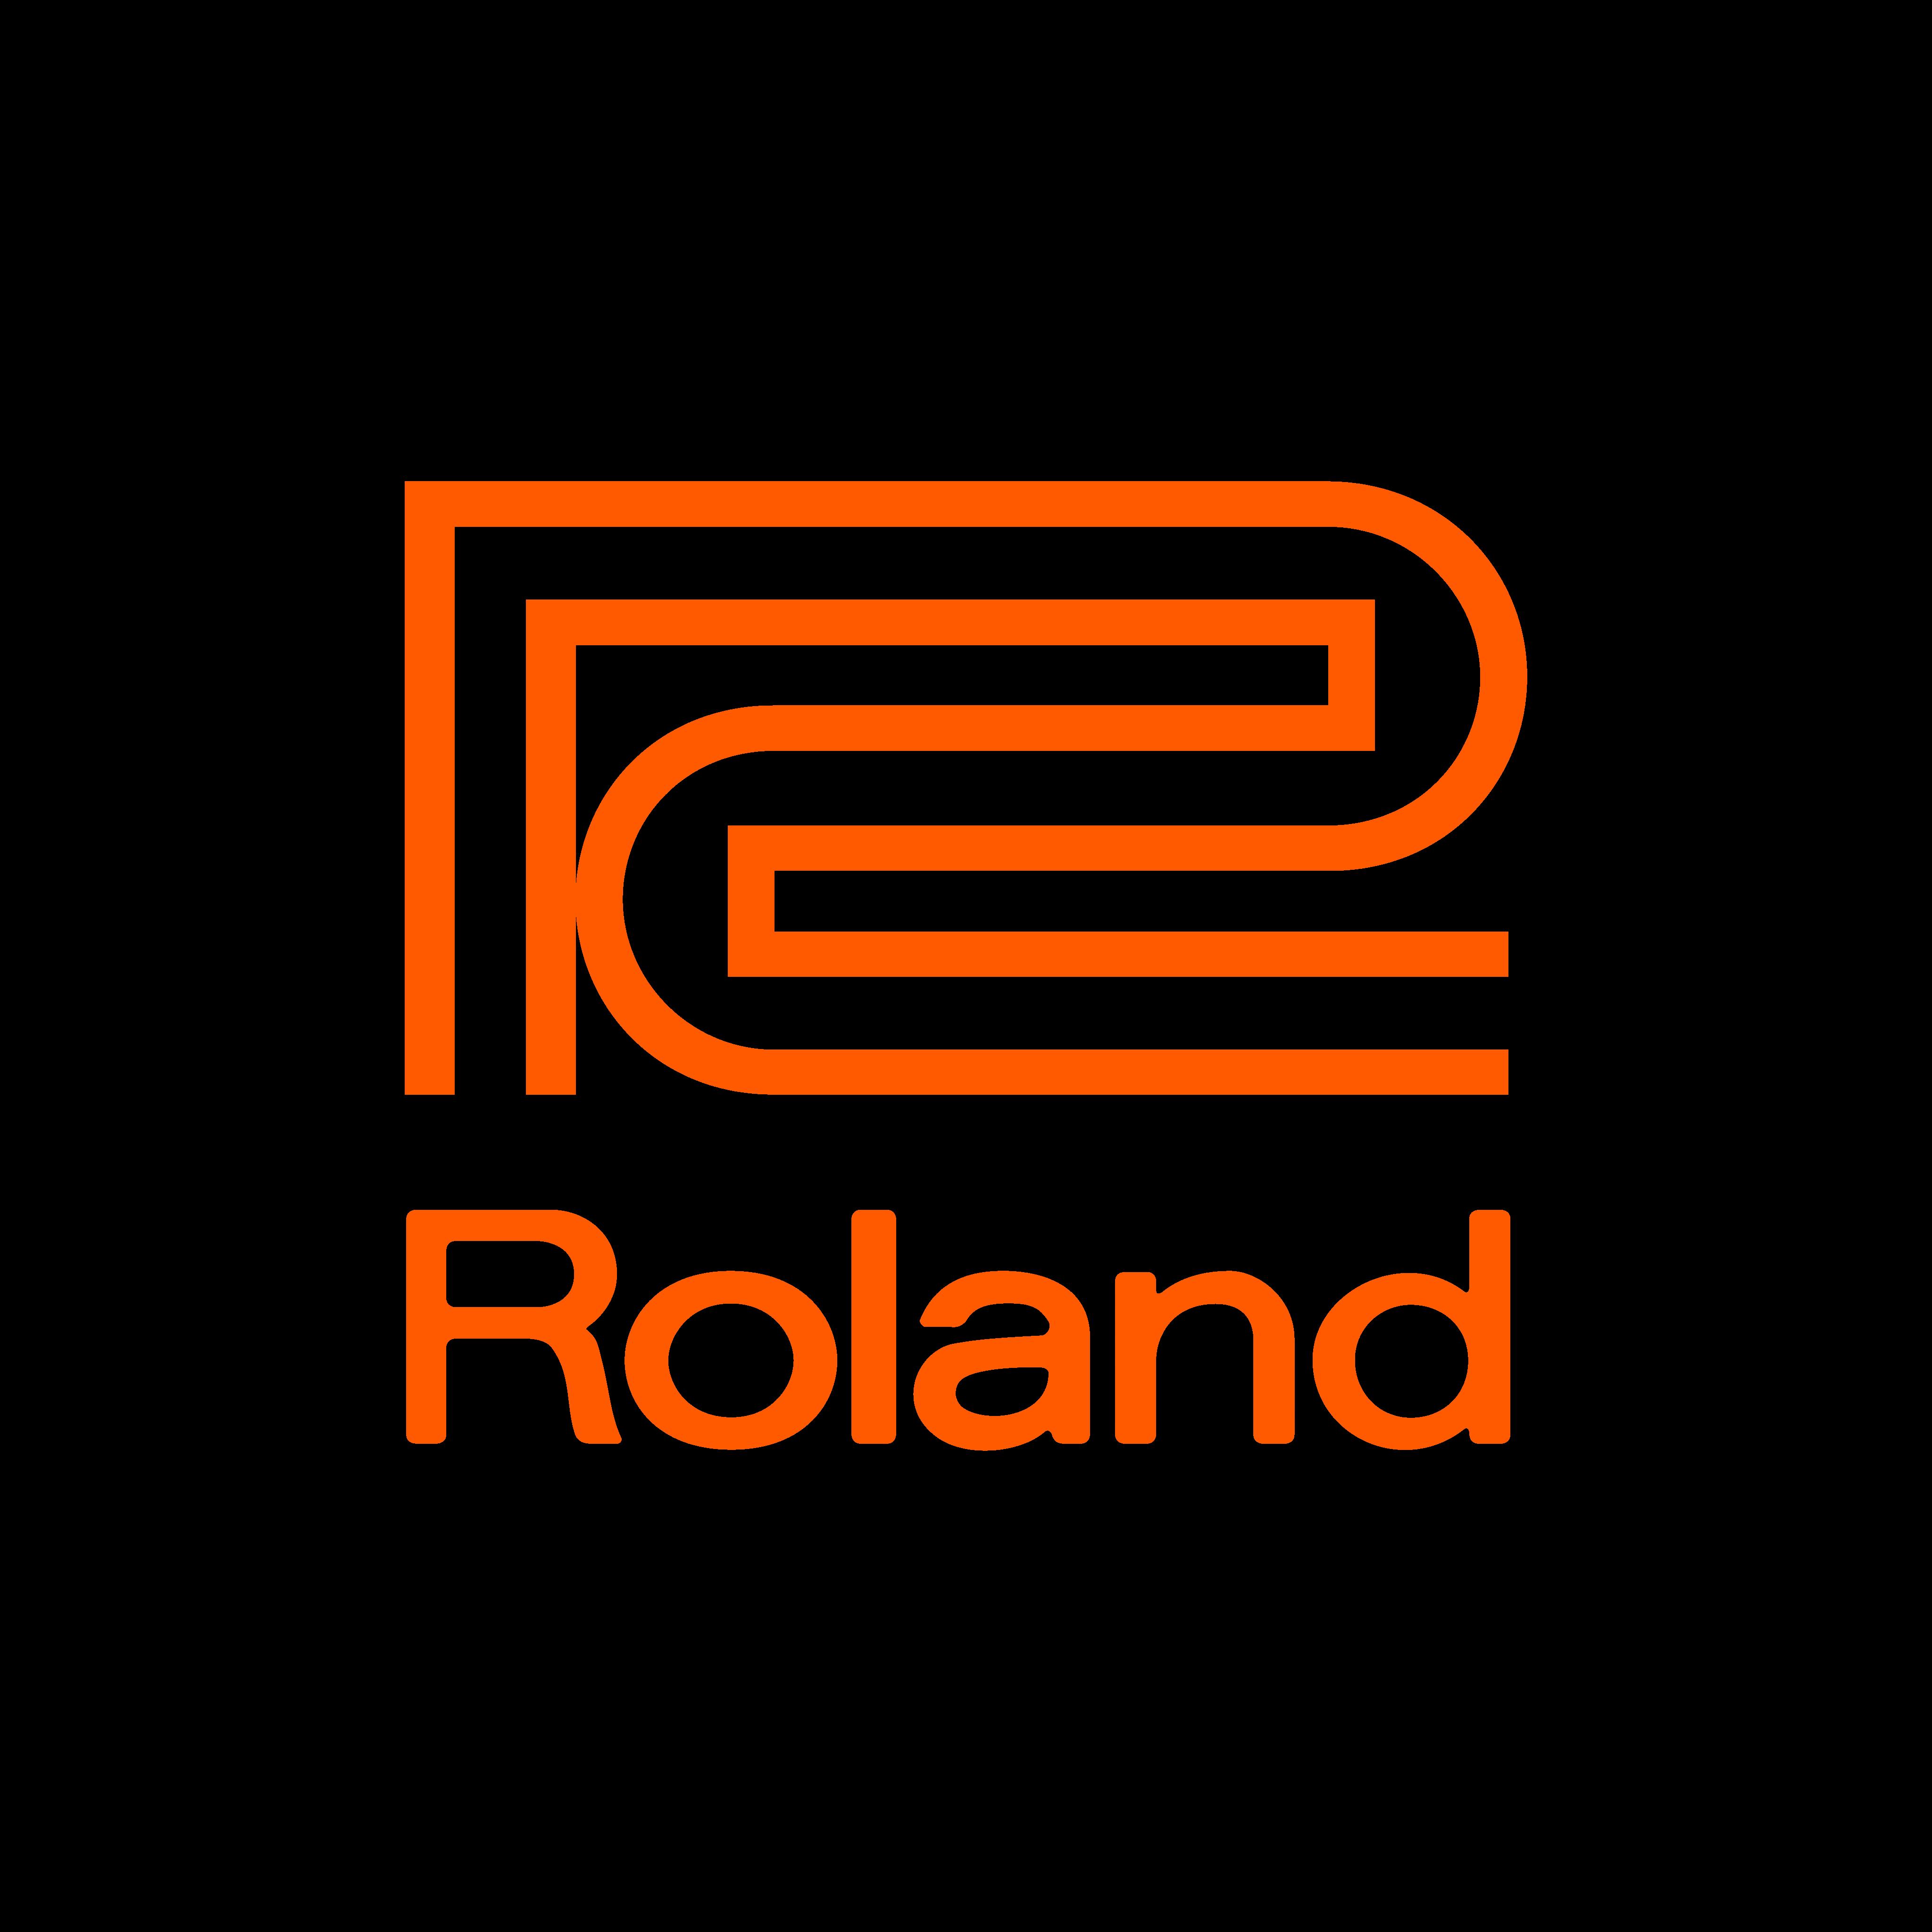 roland logo 0 - Roland Logo